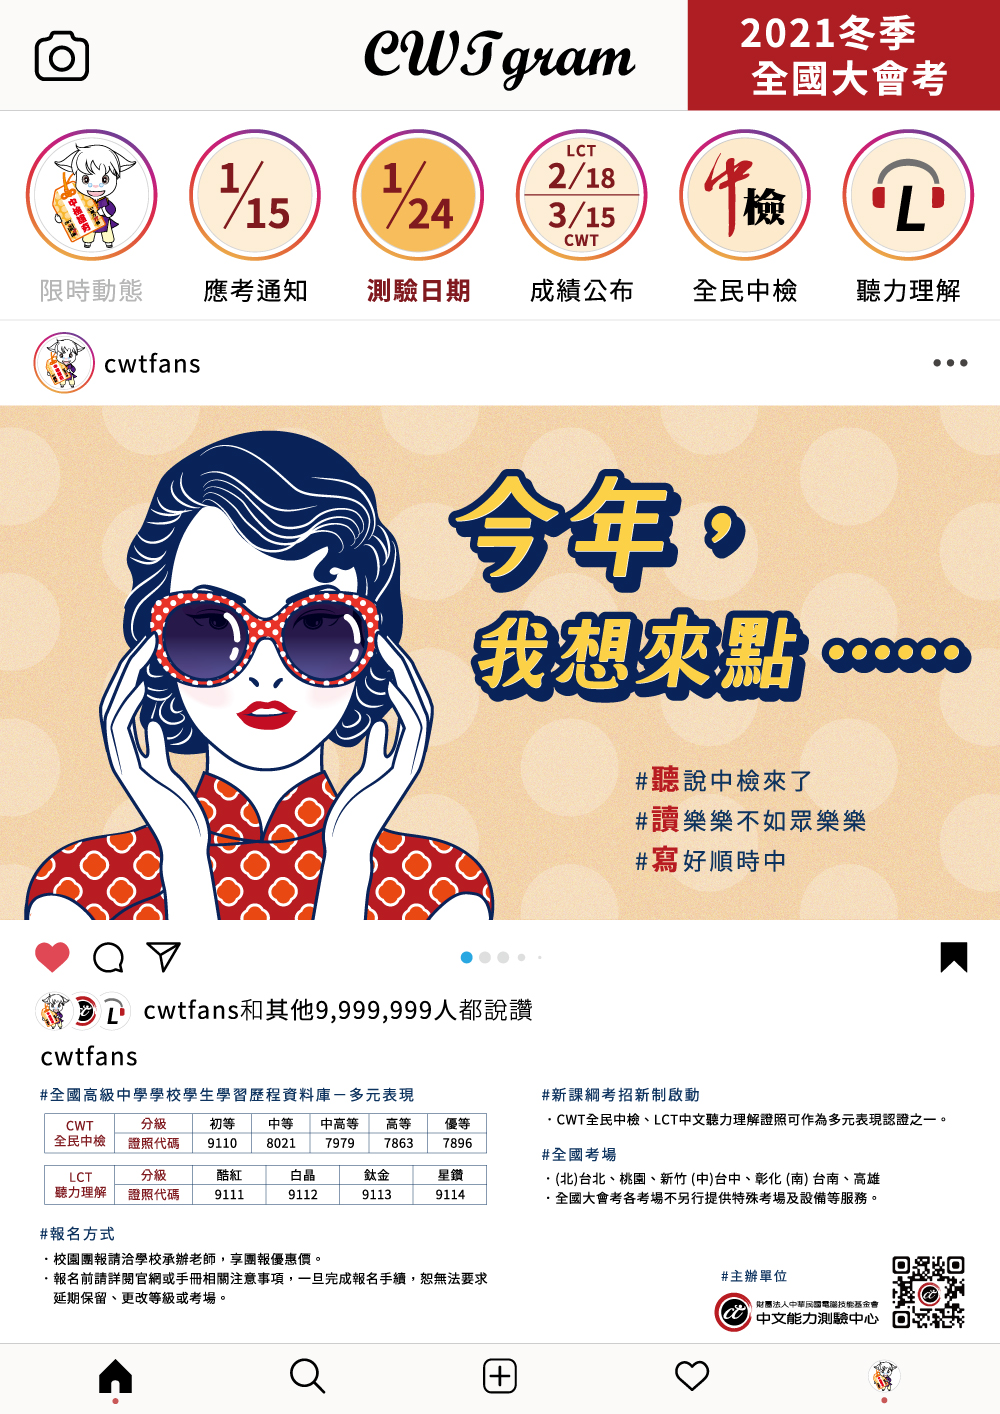 2021中文能力測驗中心冬季全國大會考